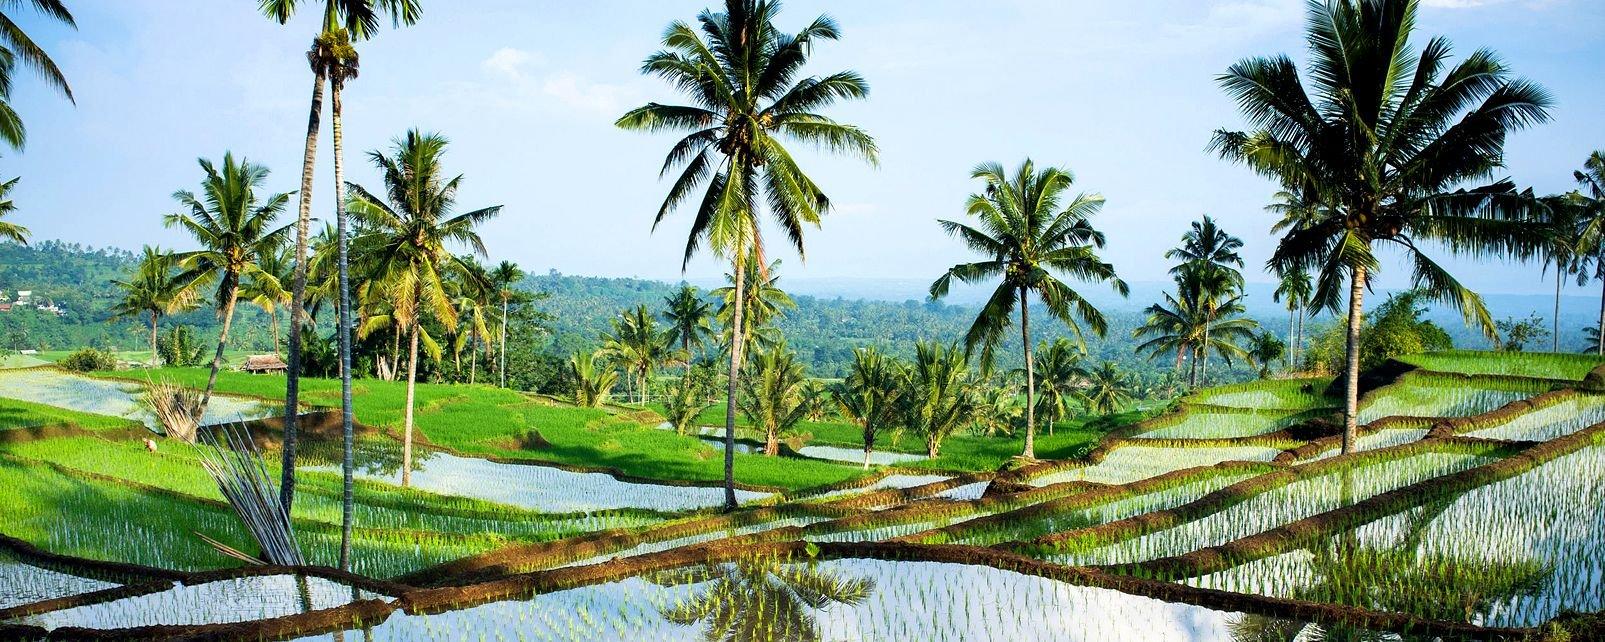 Les rizières de Tetebatu , Indonésie